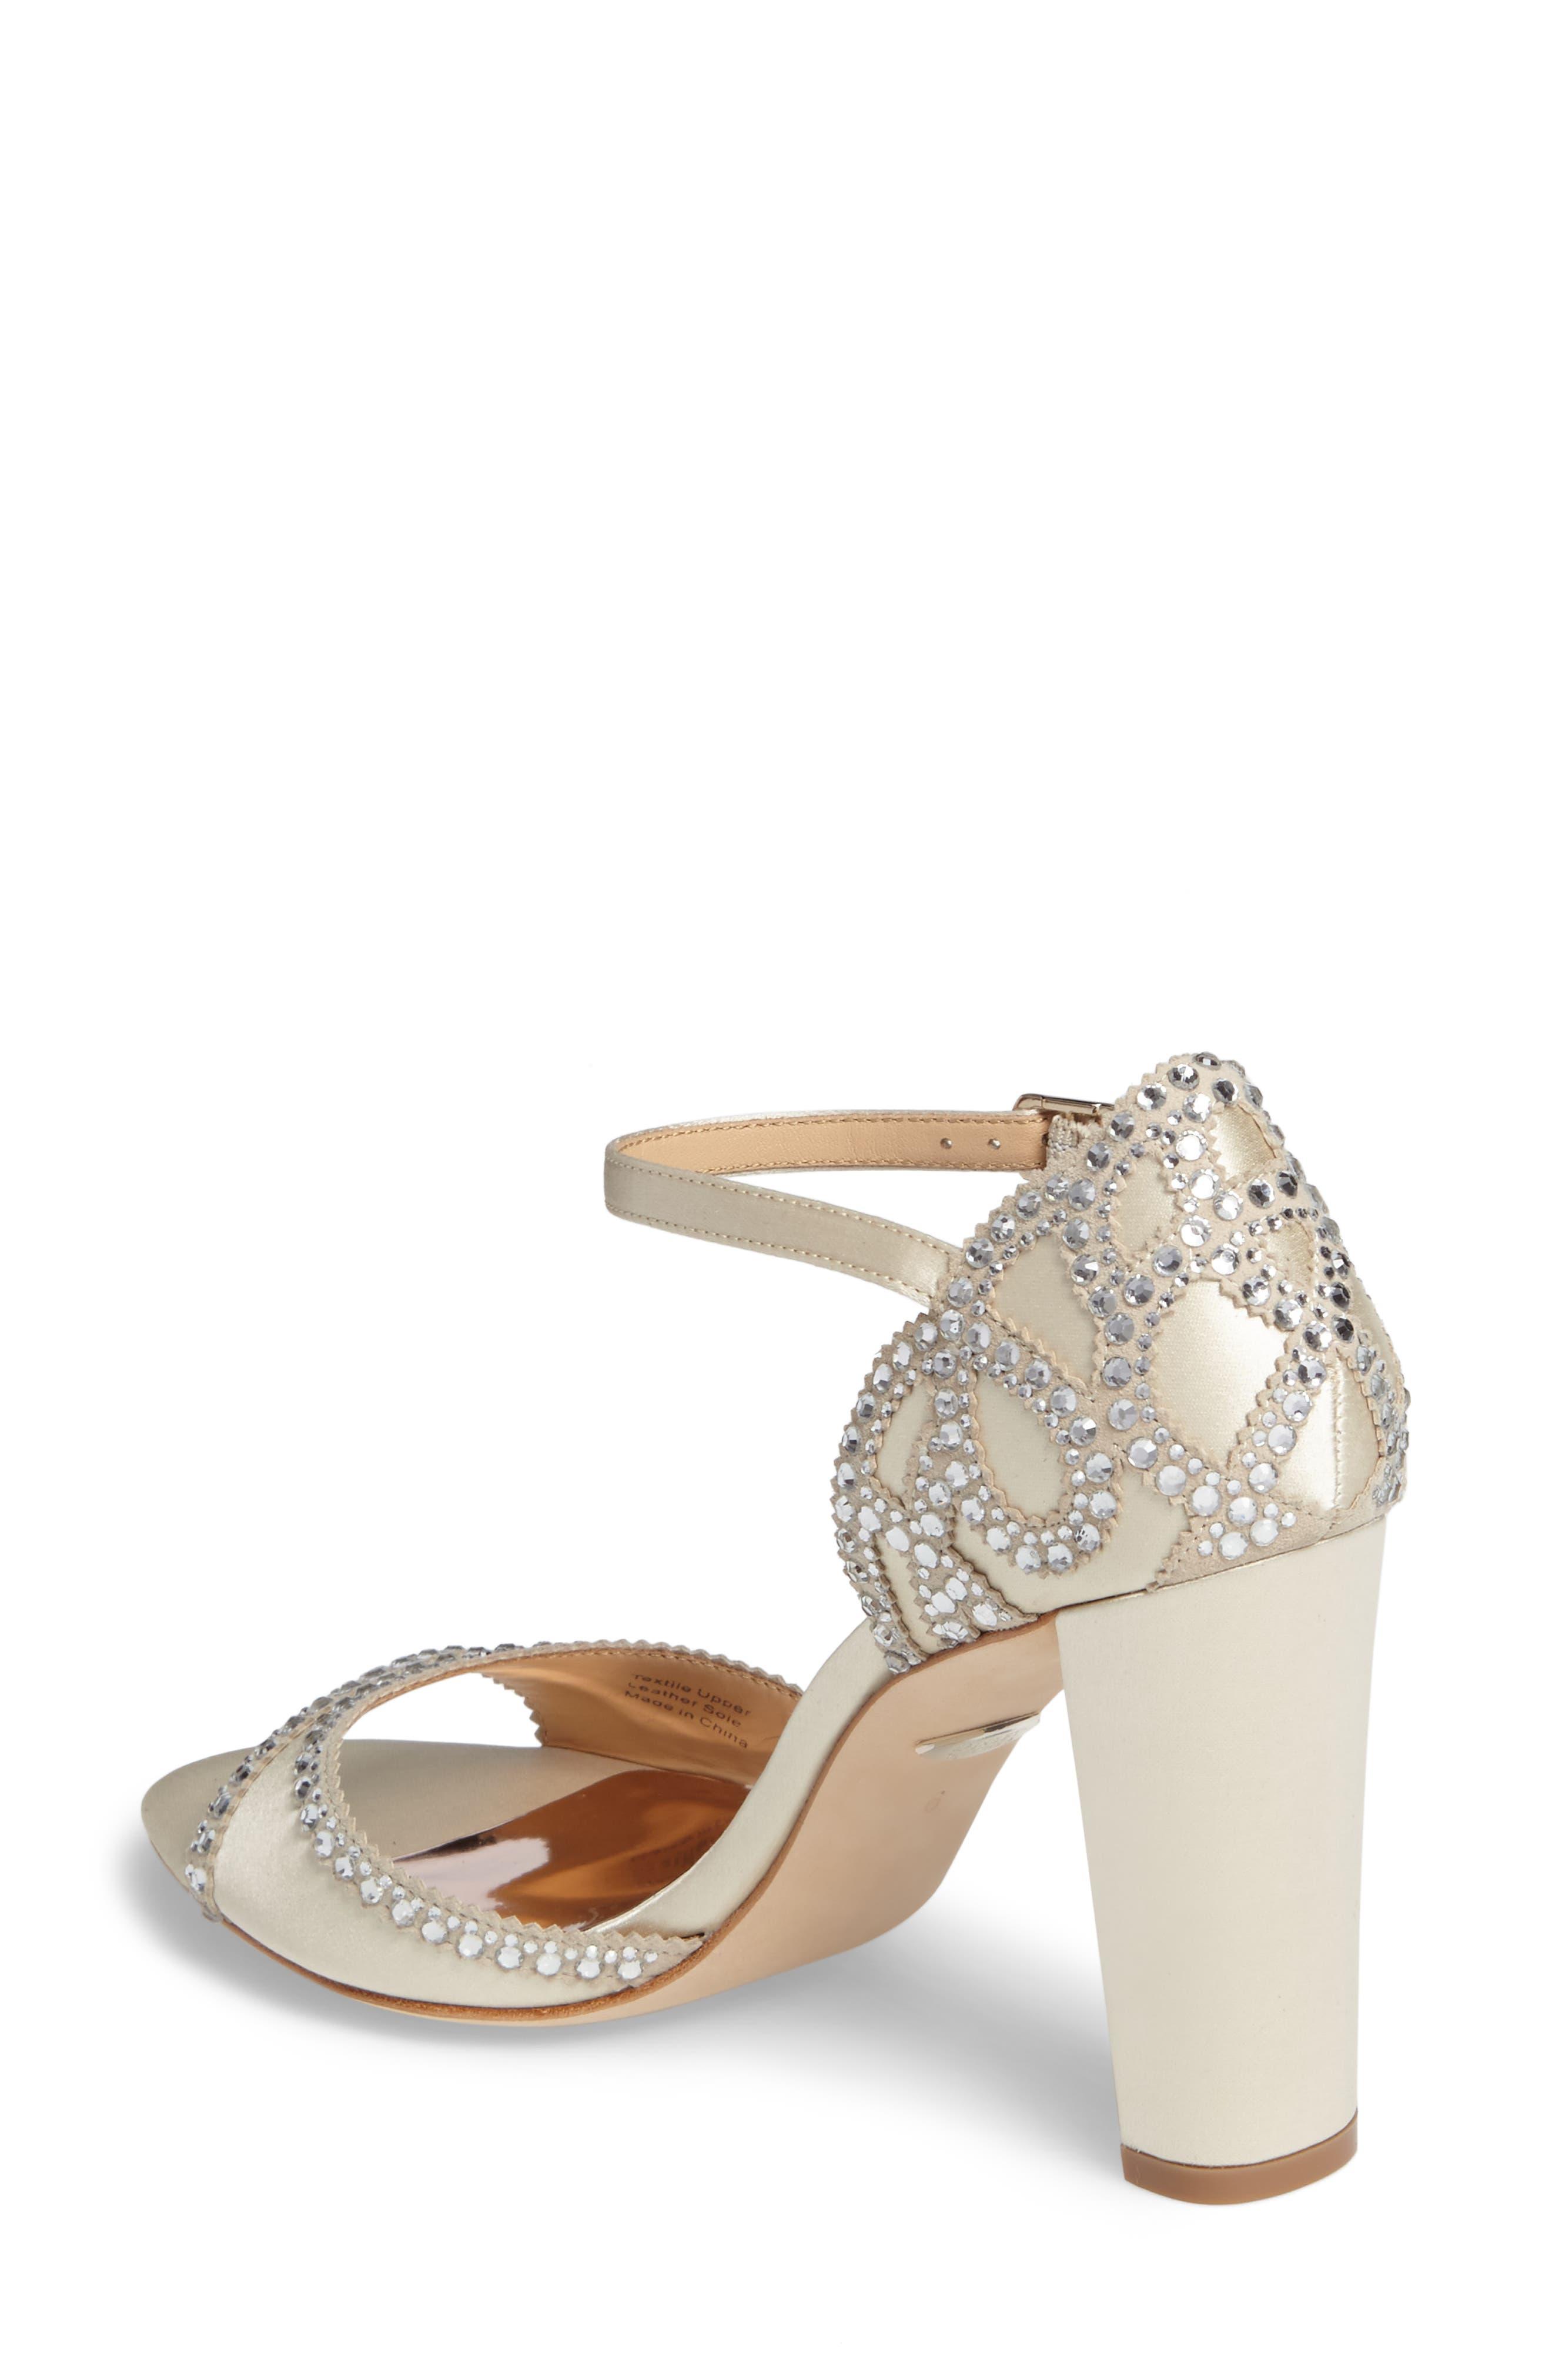 Alternate Image 2  - Badgley Mischka Kelly Embellished Crescent Heel Sandal (Women)